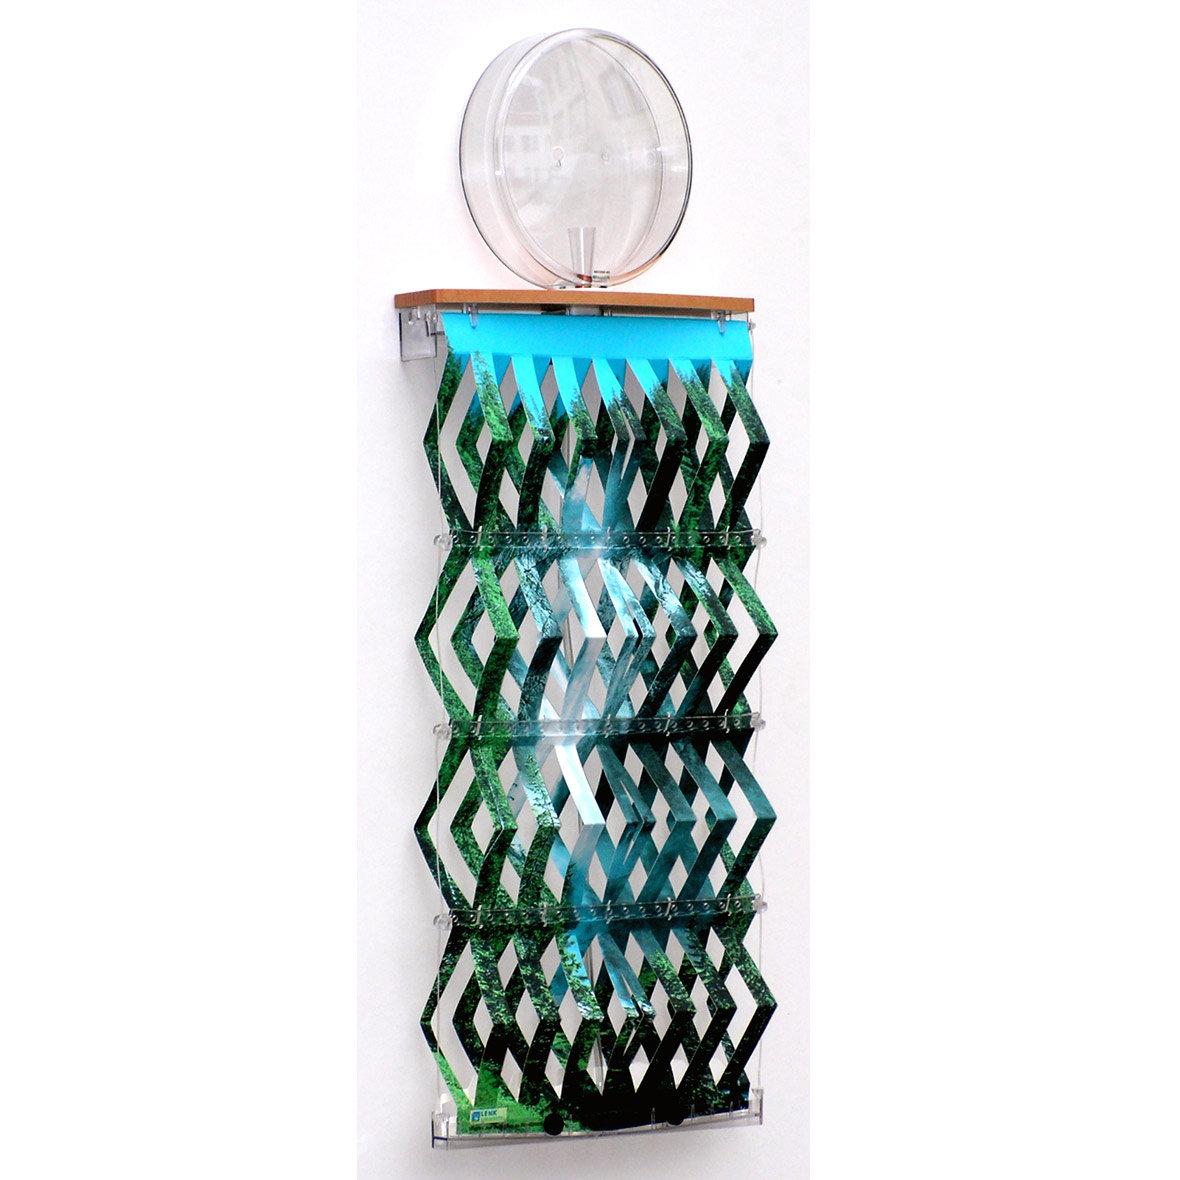 3D Luftbefeuchter ohne Strom von Necono, Wasserfall